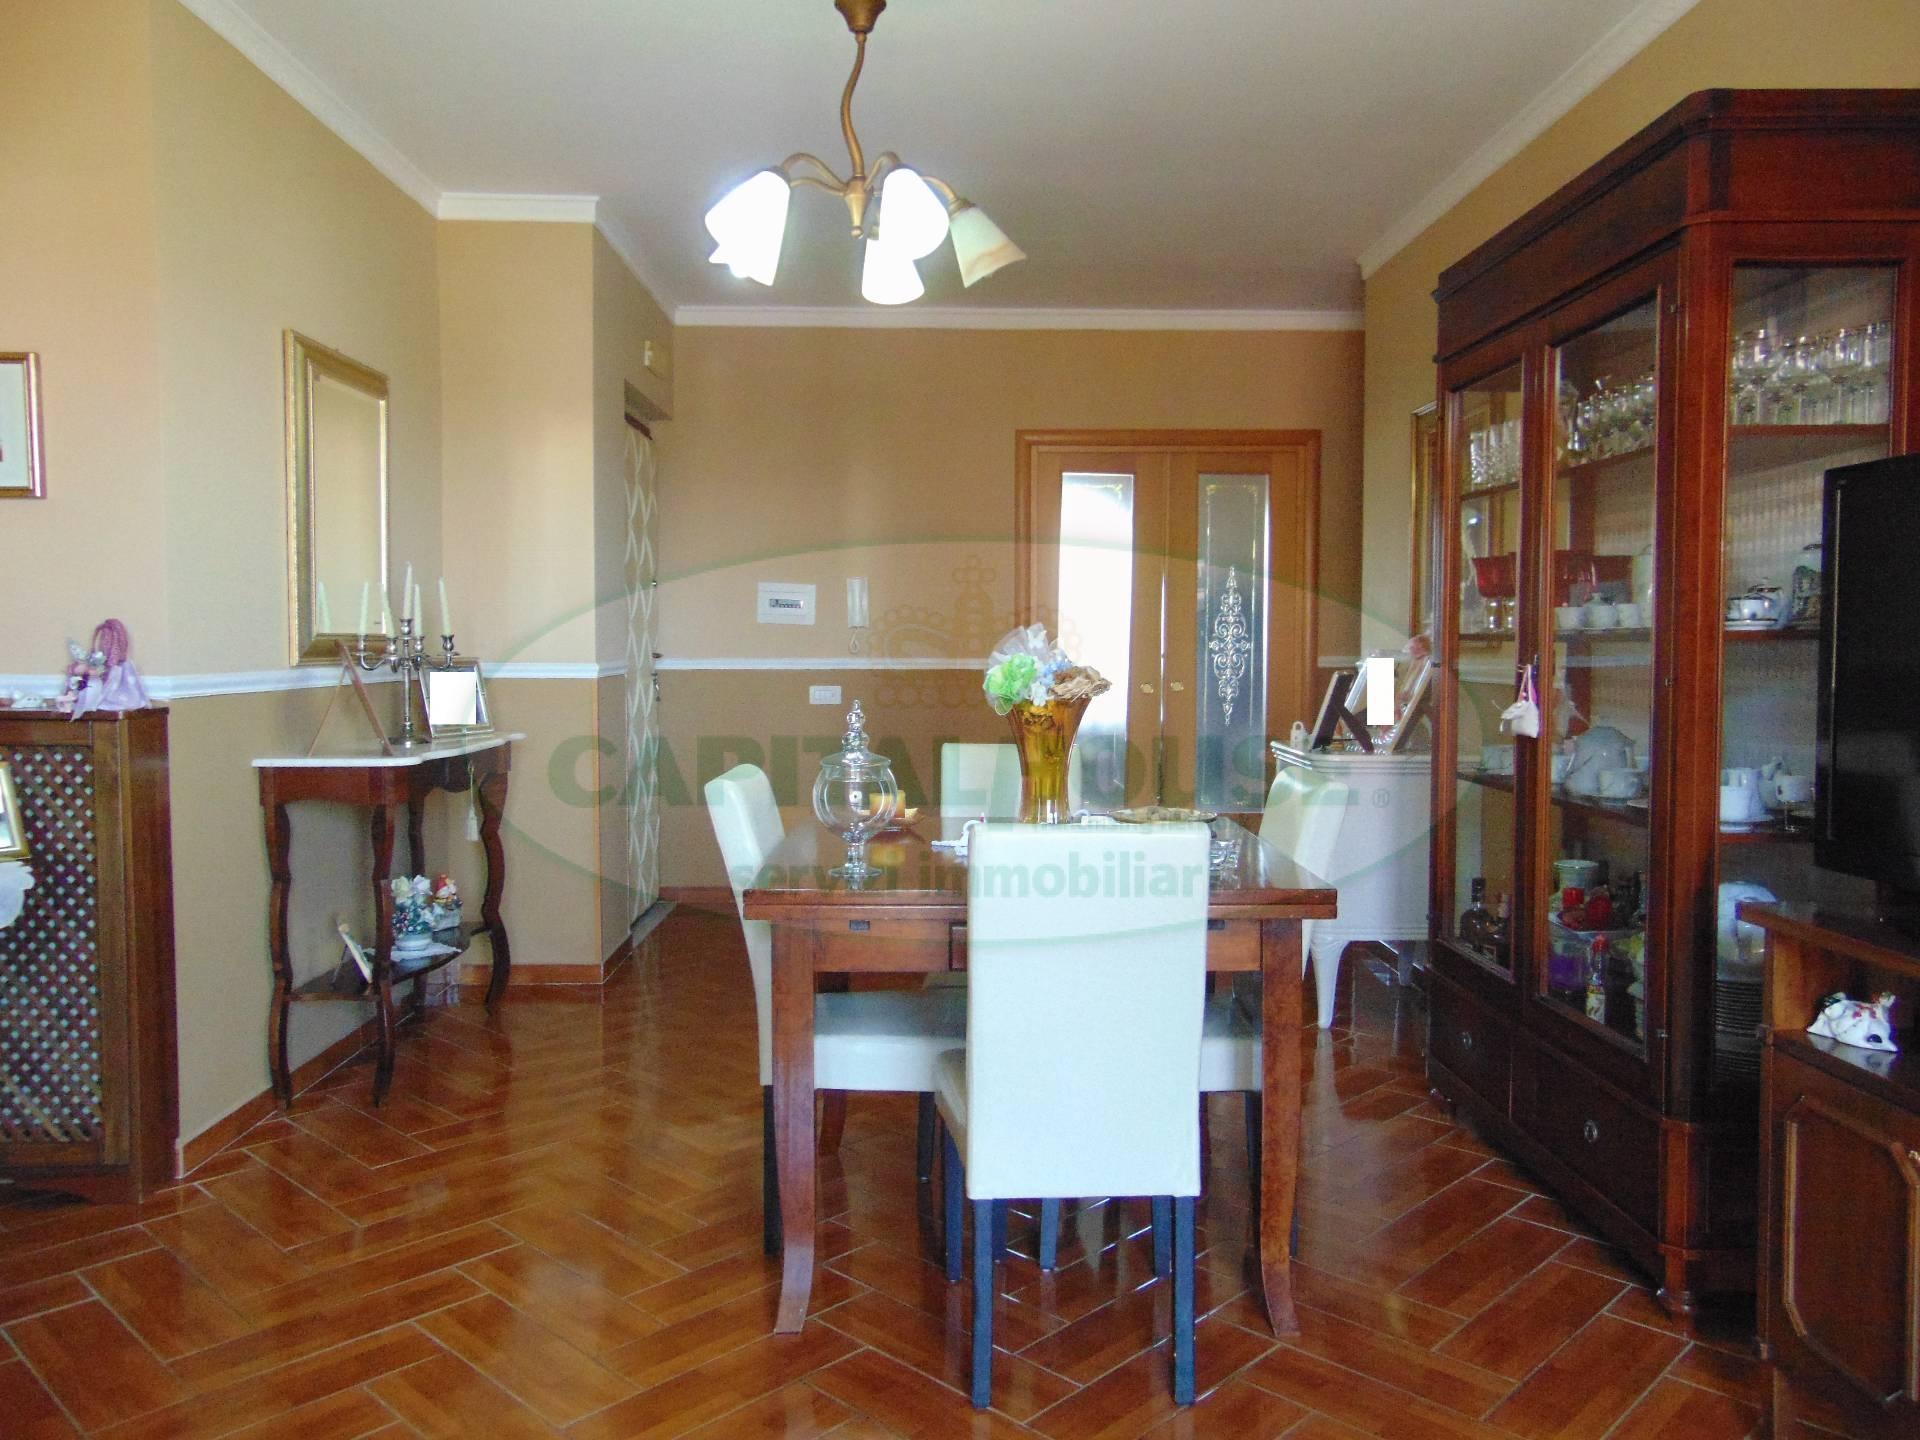 Appartamento in vendita a San Prisco, 4 locali, zona Località: ZonaPiscina, prezzo € 188.000   CambioCasa.it